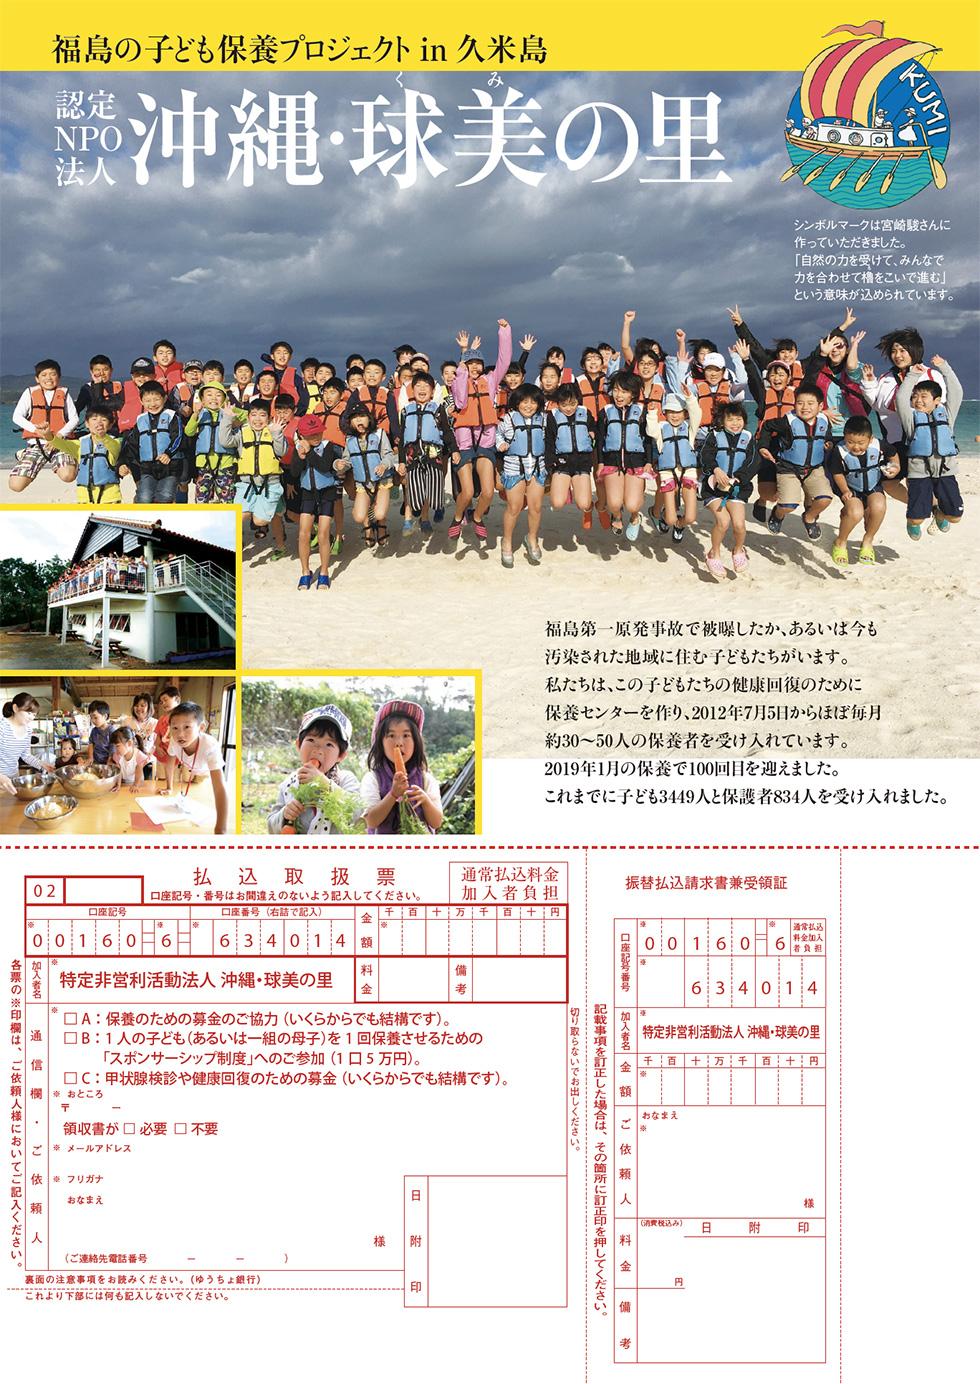 沖縄・球美の里 寄付払込み用紙付き A4チラシ表